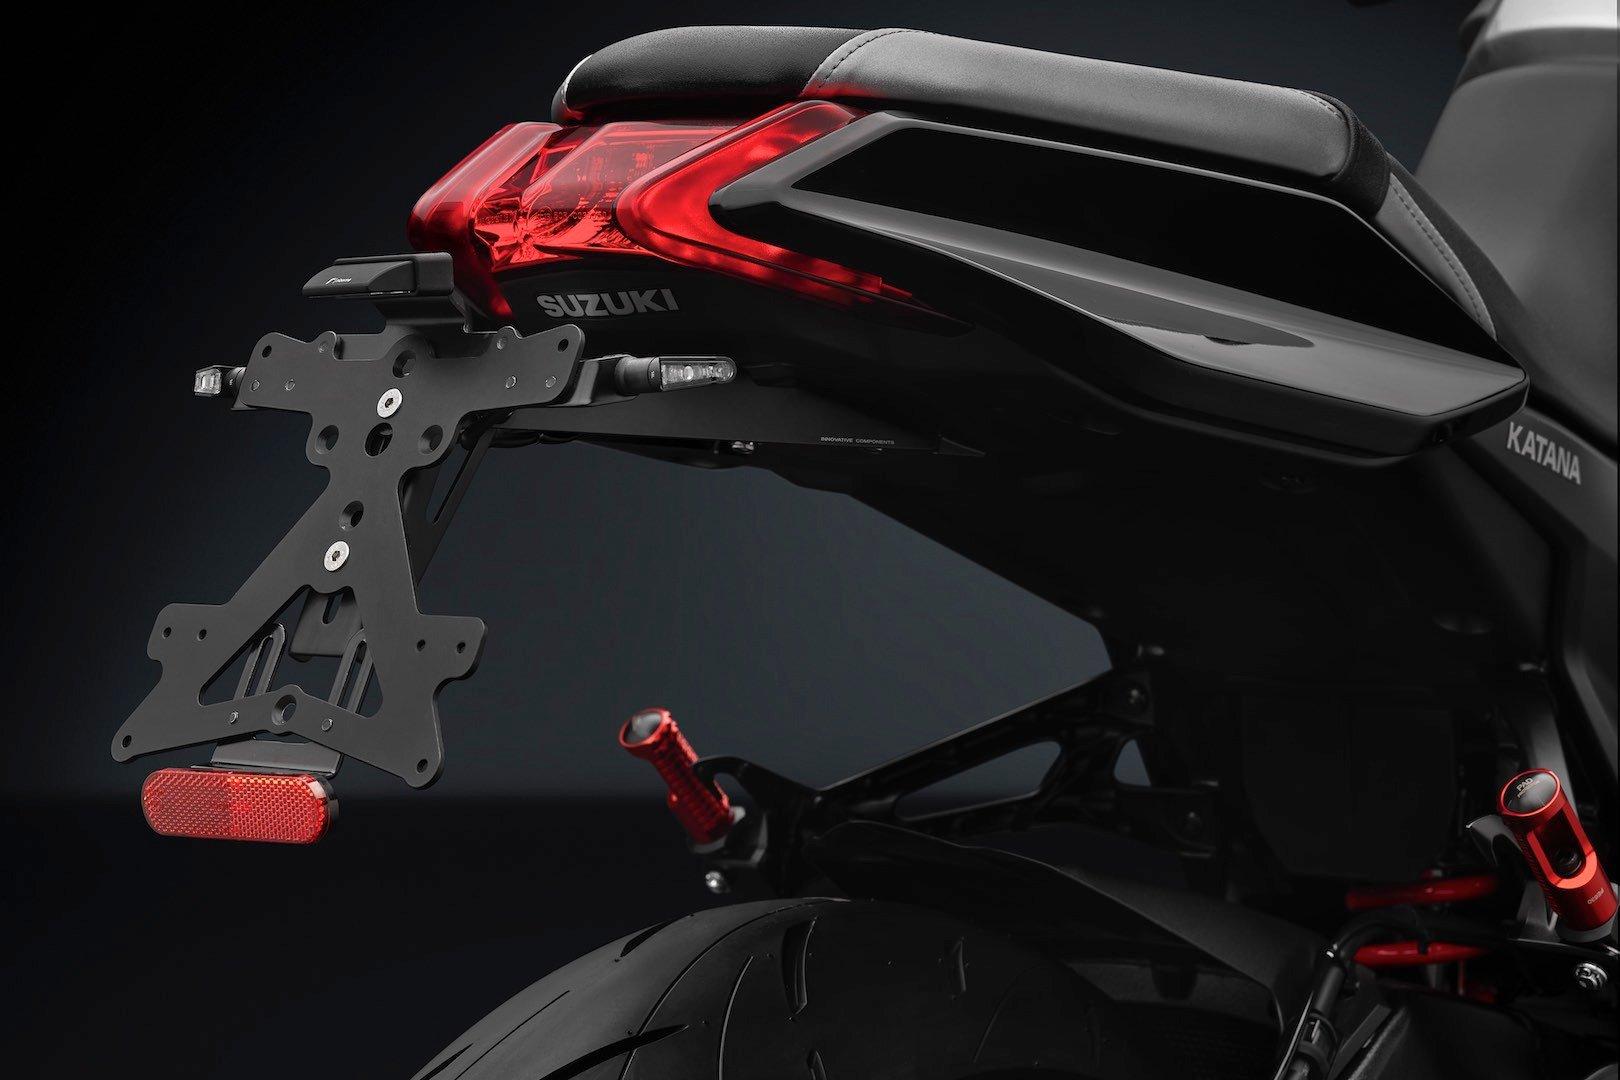 Suzuki Katana taillight